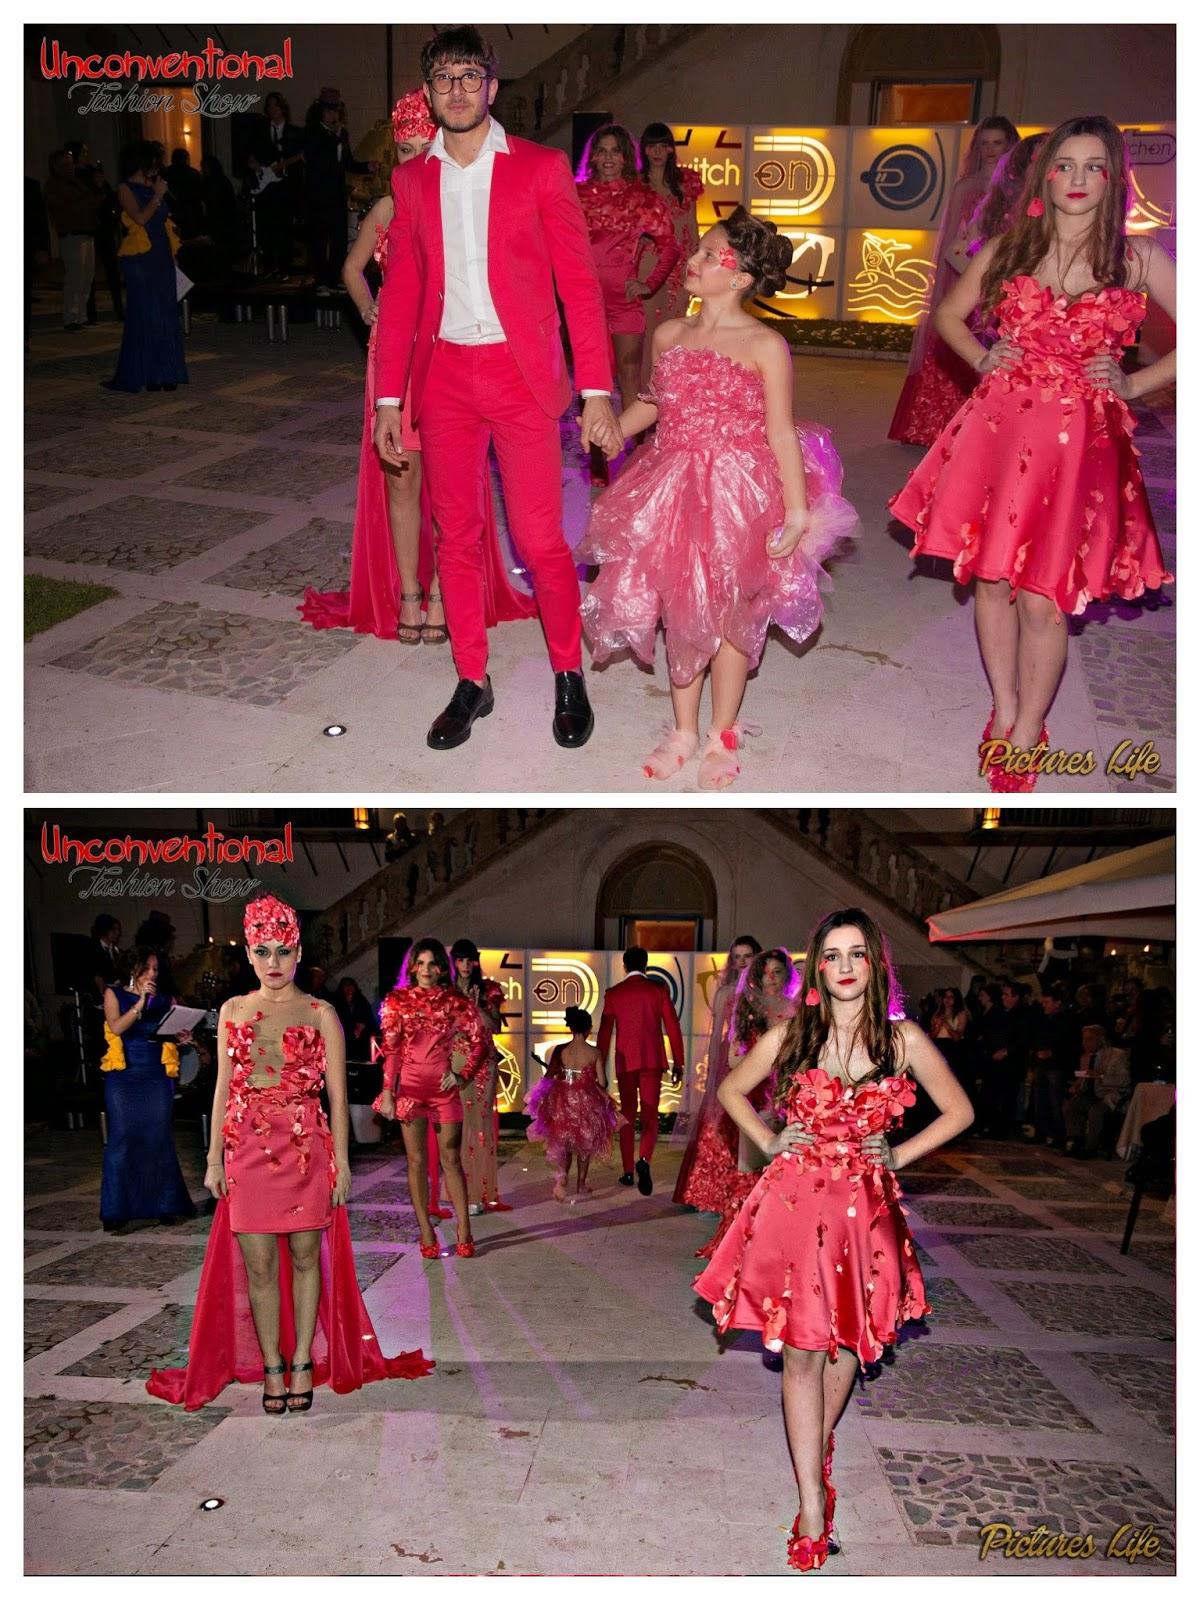 salvatore_martorana, artistic, fashion_designer, fusion, collection